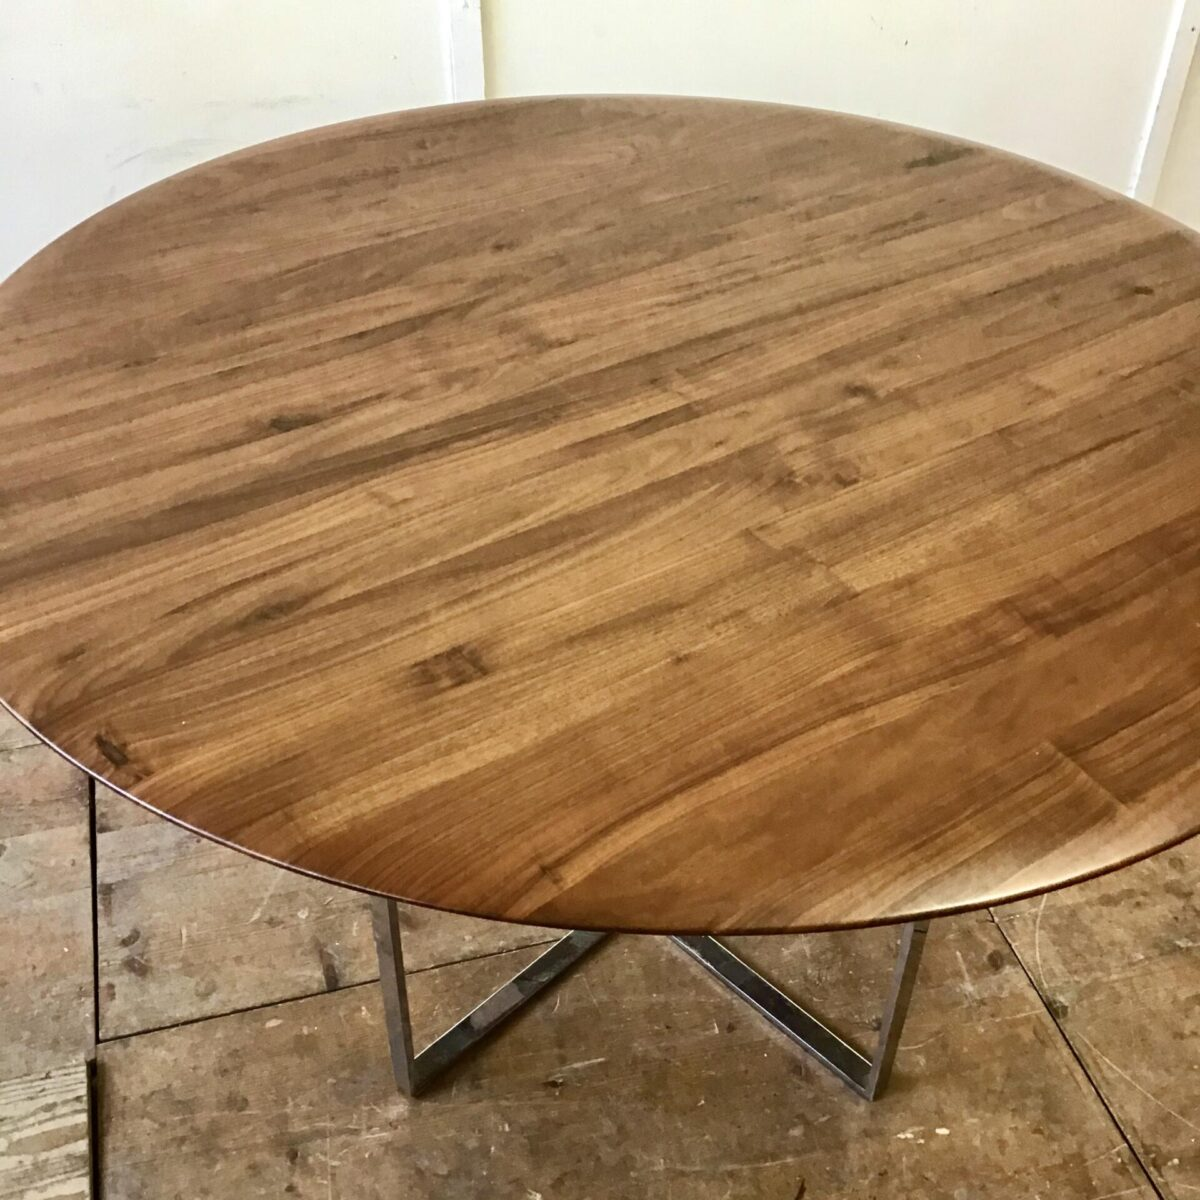 Runder Tisch Durchmesser 120cm Höhe 74cm. Das Tischblatt ist aus Nussbaum Vollholz, Kanten schön abgerundet. Tischfuss Metall verchromt kann liegend auch als Salontisch verwendet werden höhe 54cm.